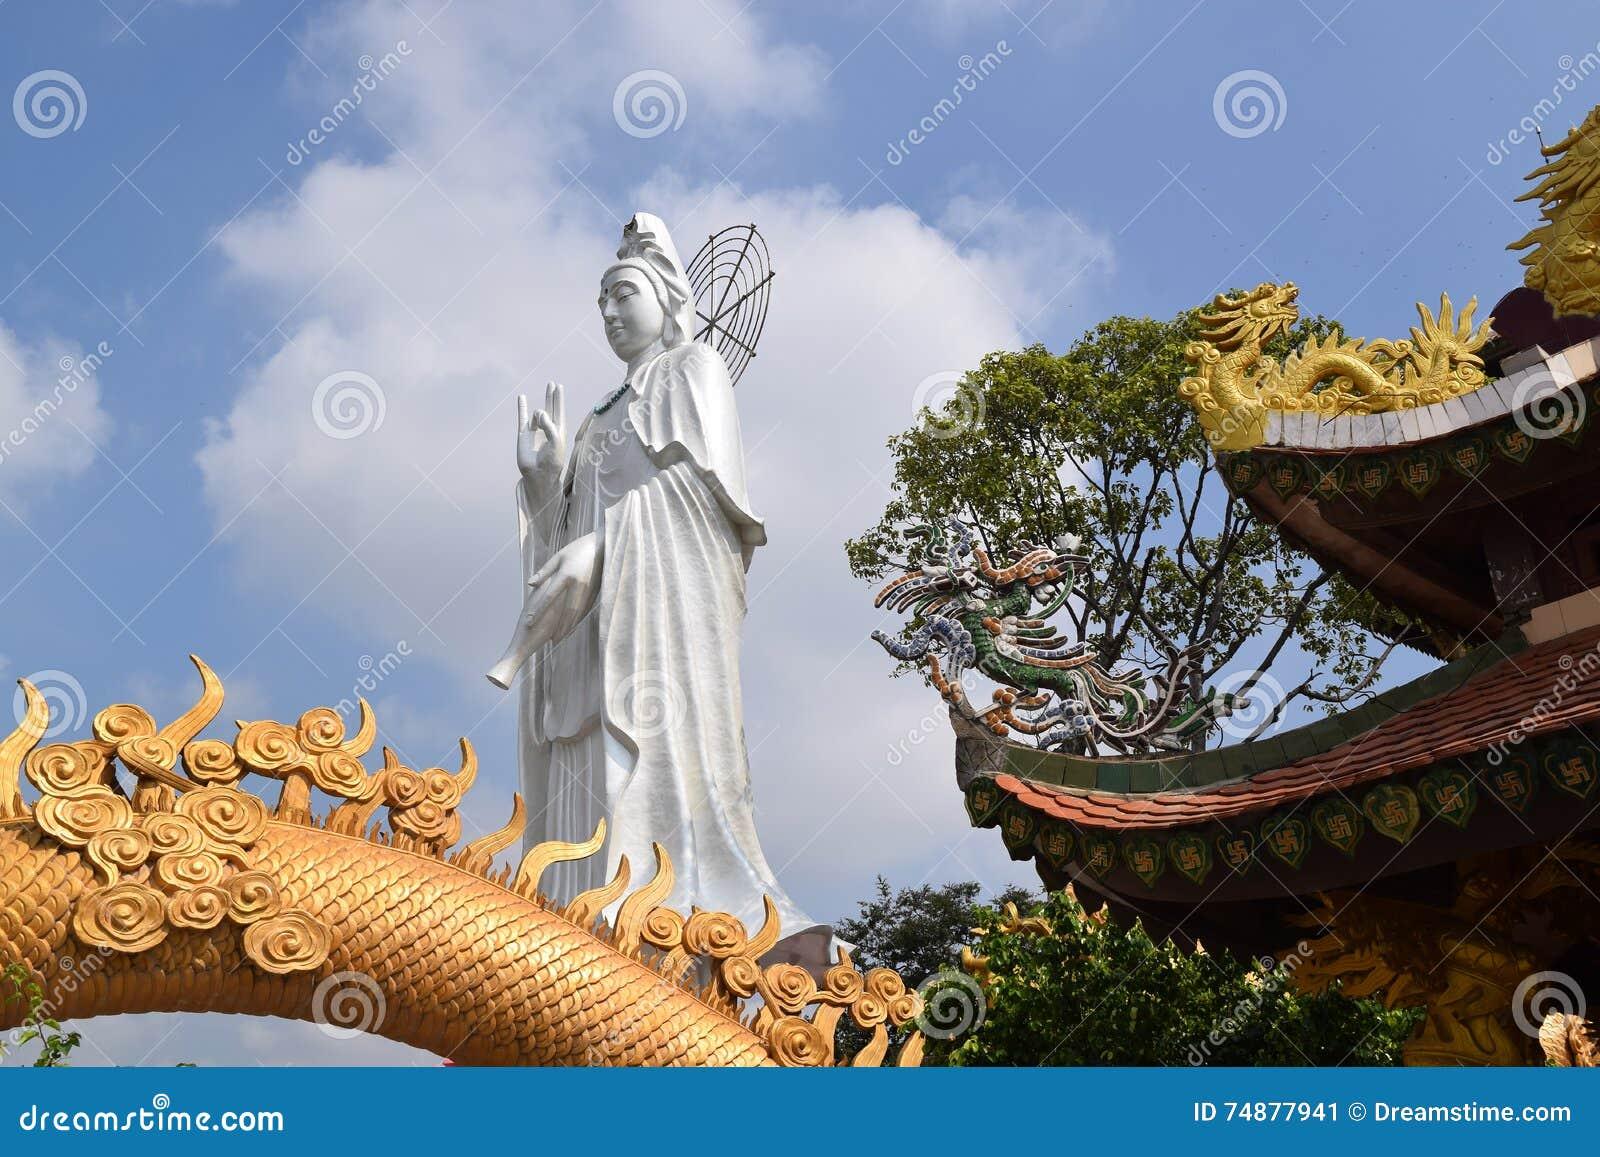 菩萨大雕象在佛教Chau Thoi寺庙,越南的